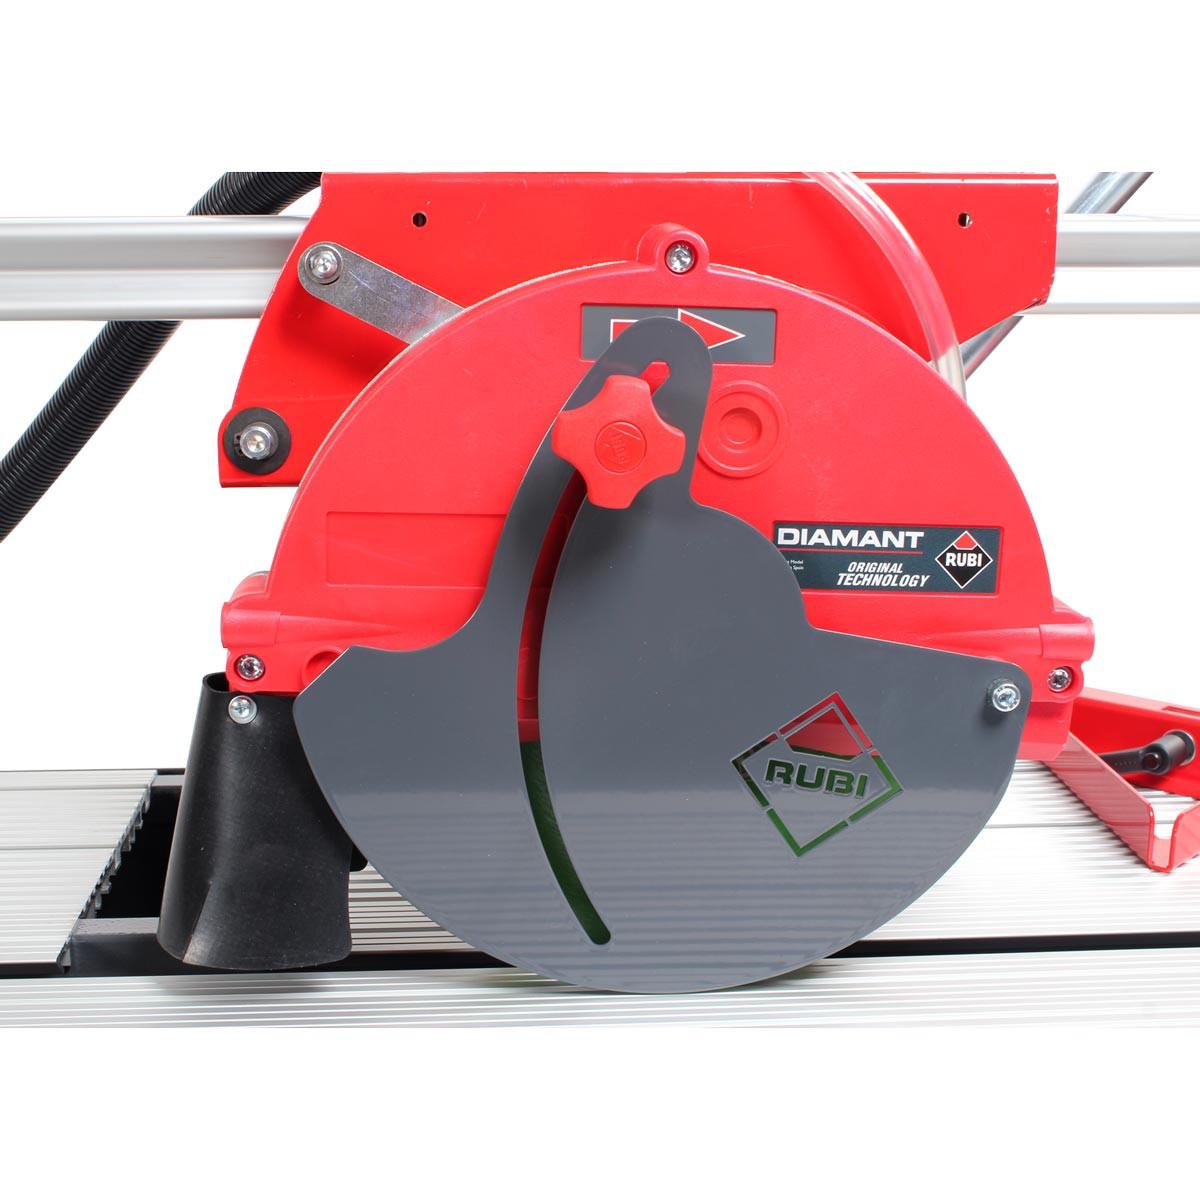 55948 Rubi DC250-1200 stone saw